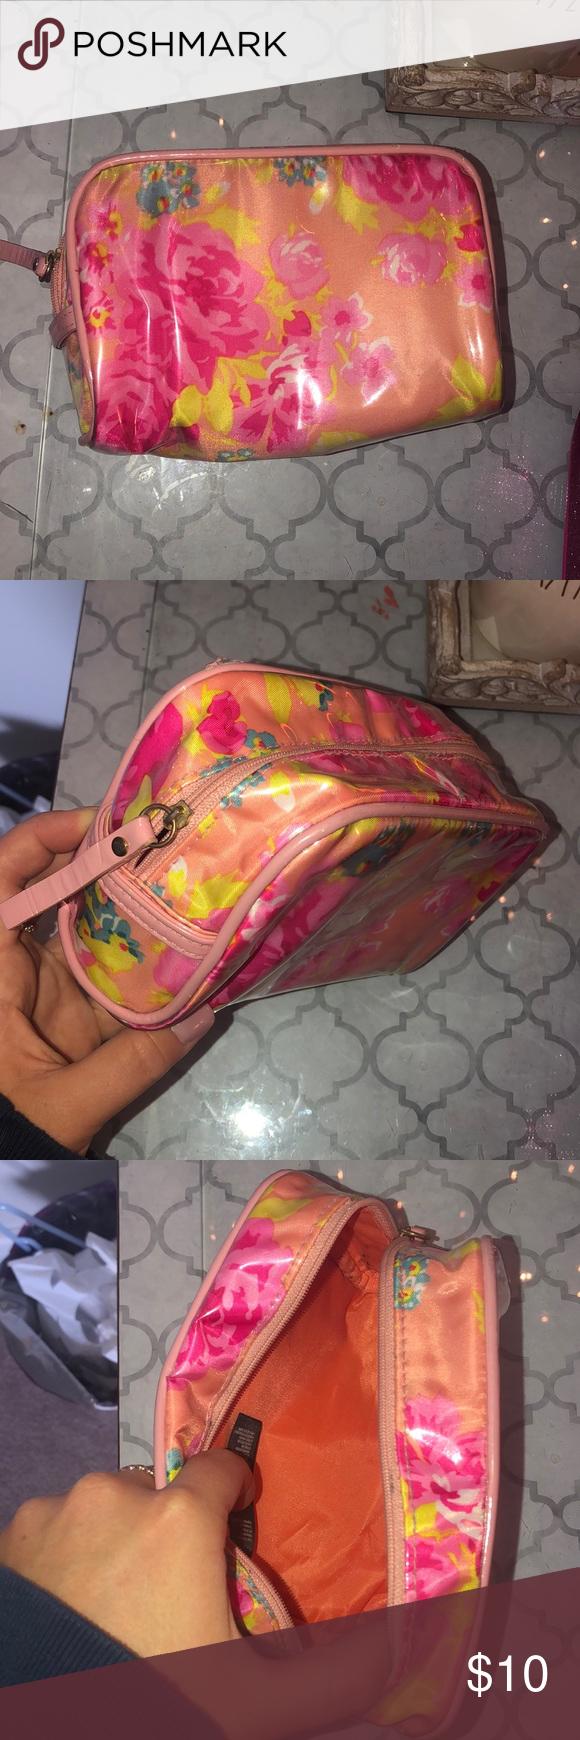 Cosmetic bag Cosmetic bag, Bags, Forever 21 bags